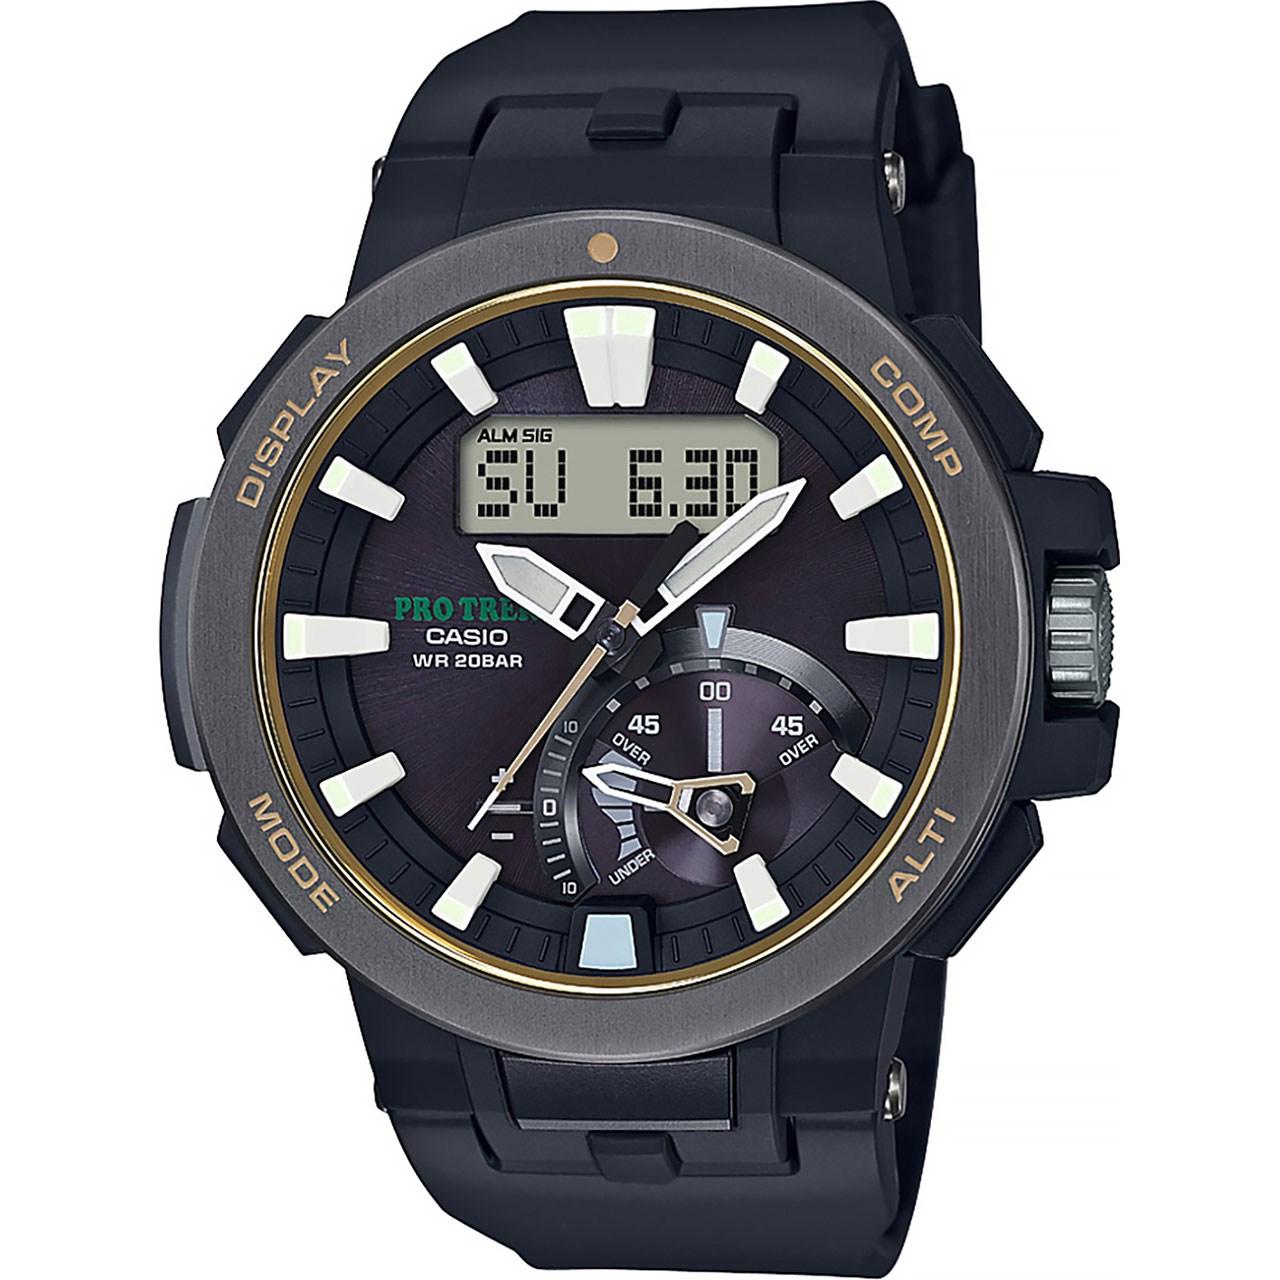 ساعت مچی عقربه ای مردانه کاسیو پروترک مدل PRW-7000-1BDR 36